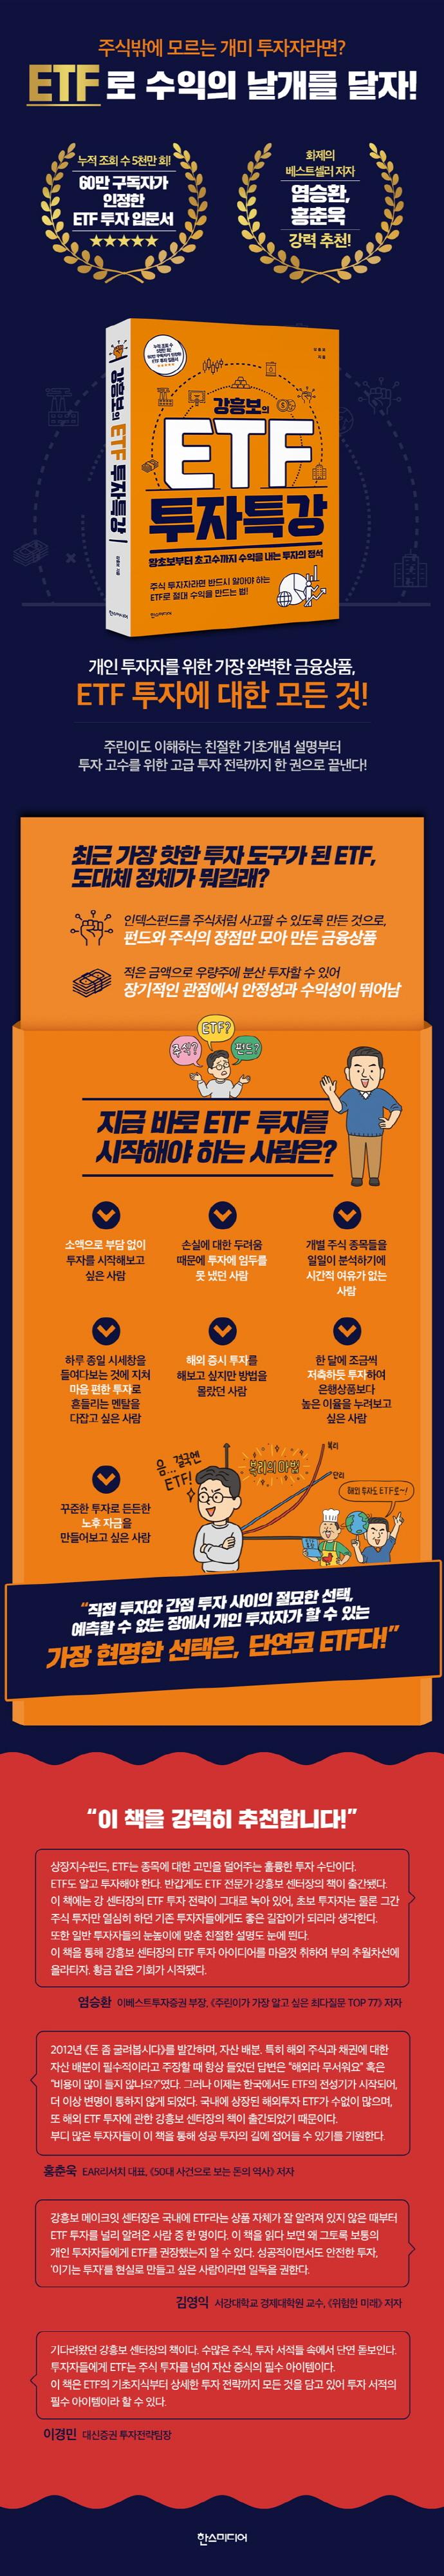 강흥보의 ETF 투자 특강 도서 상세이미지